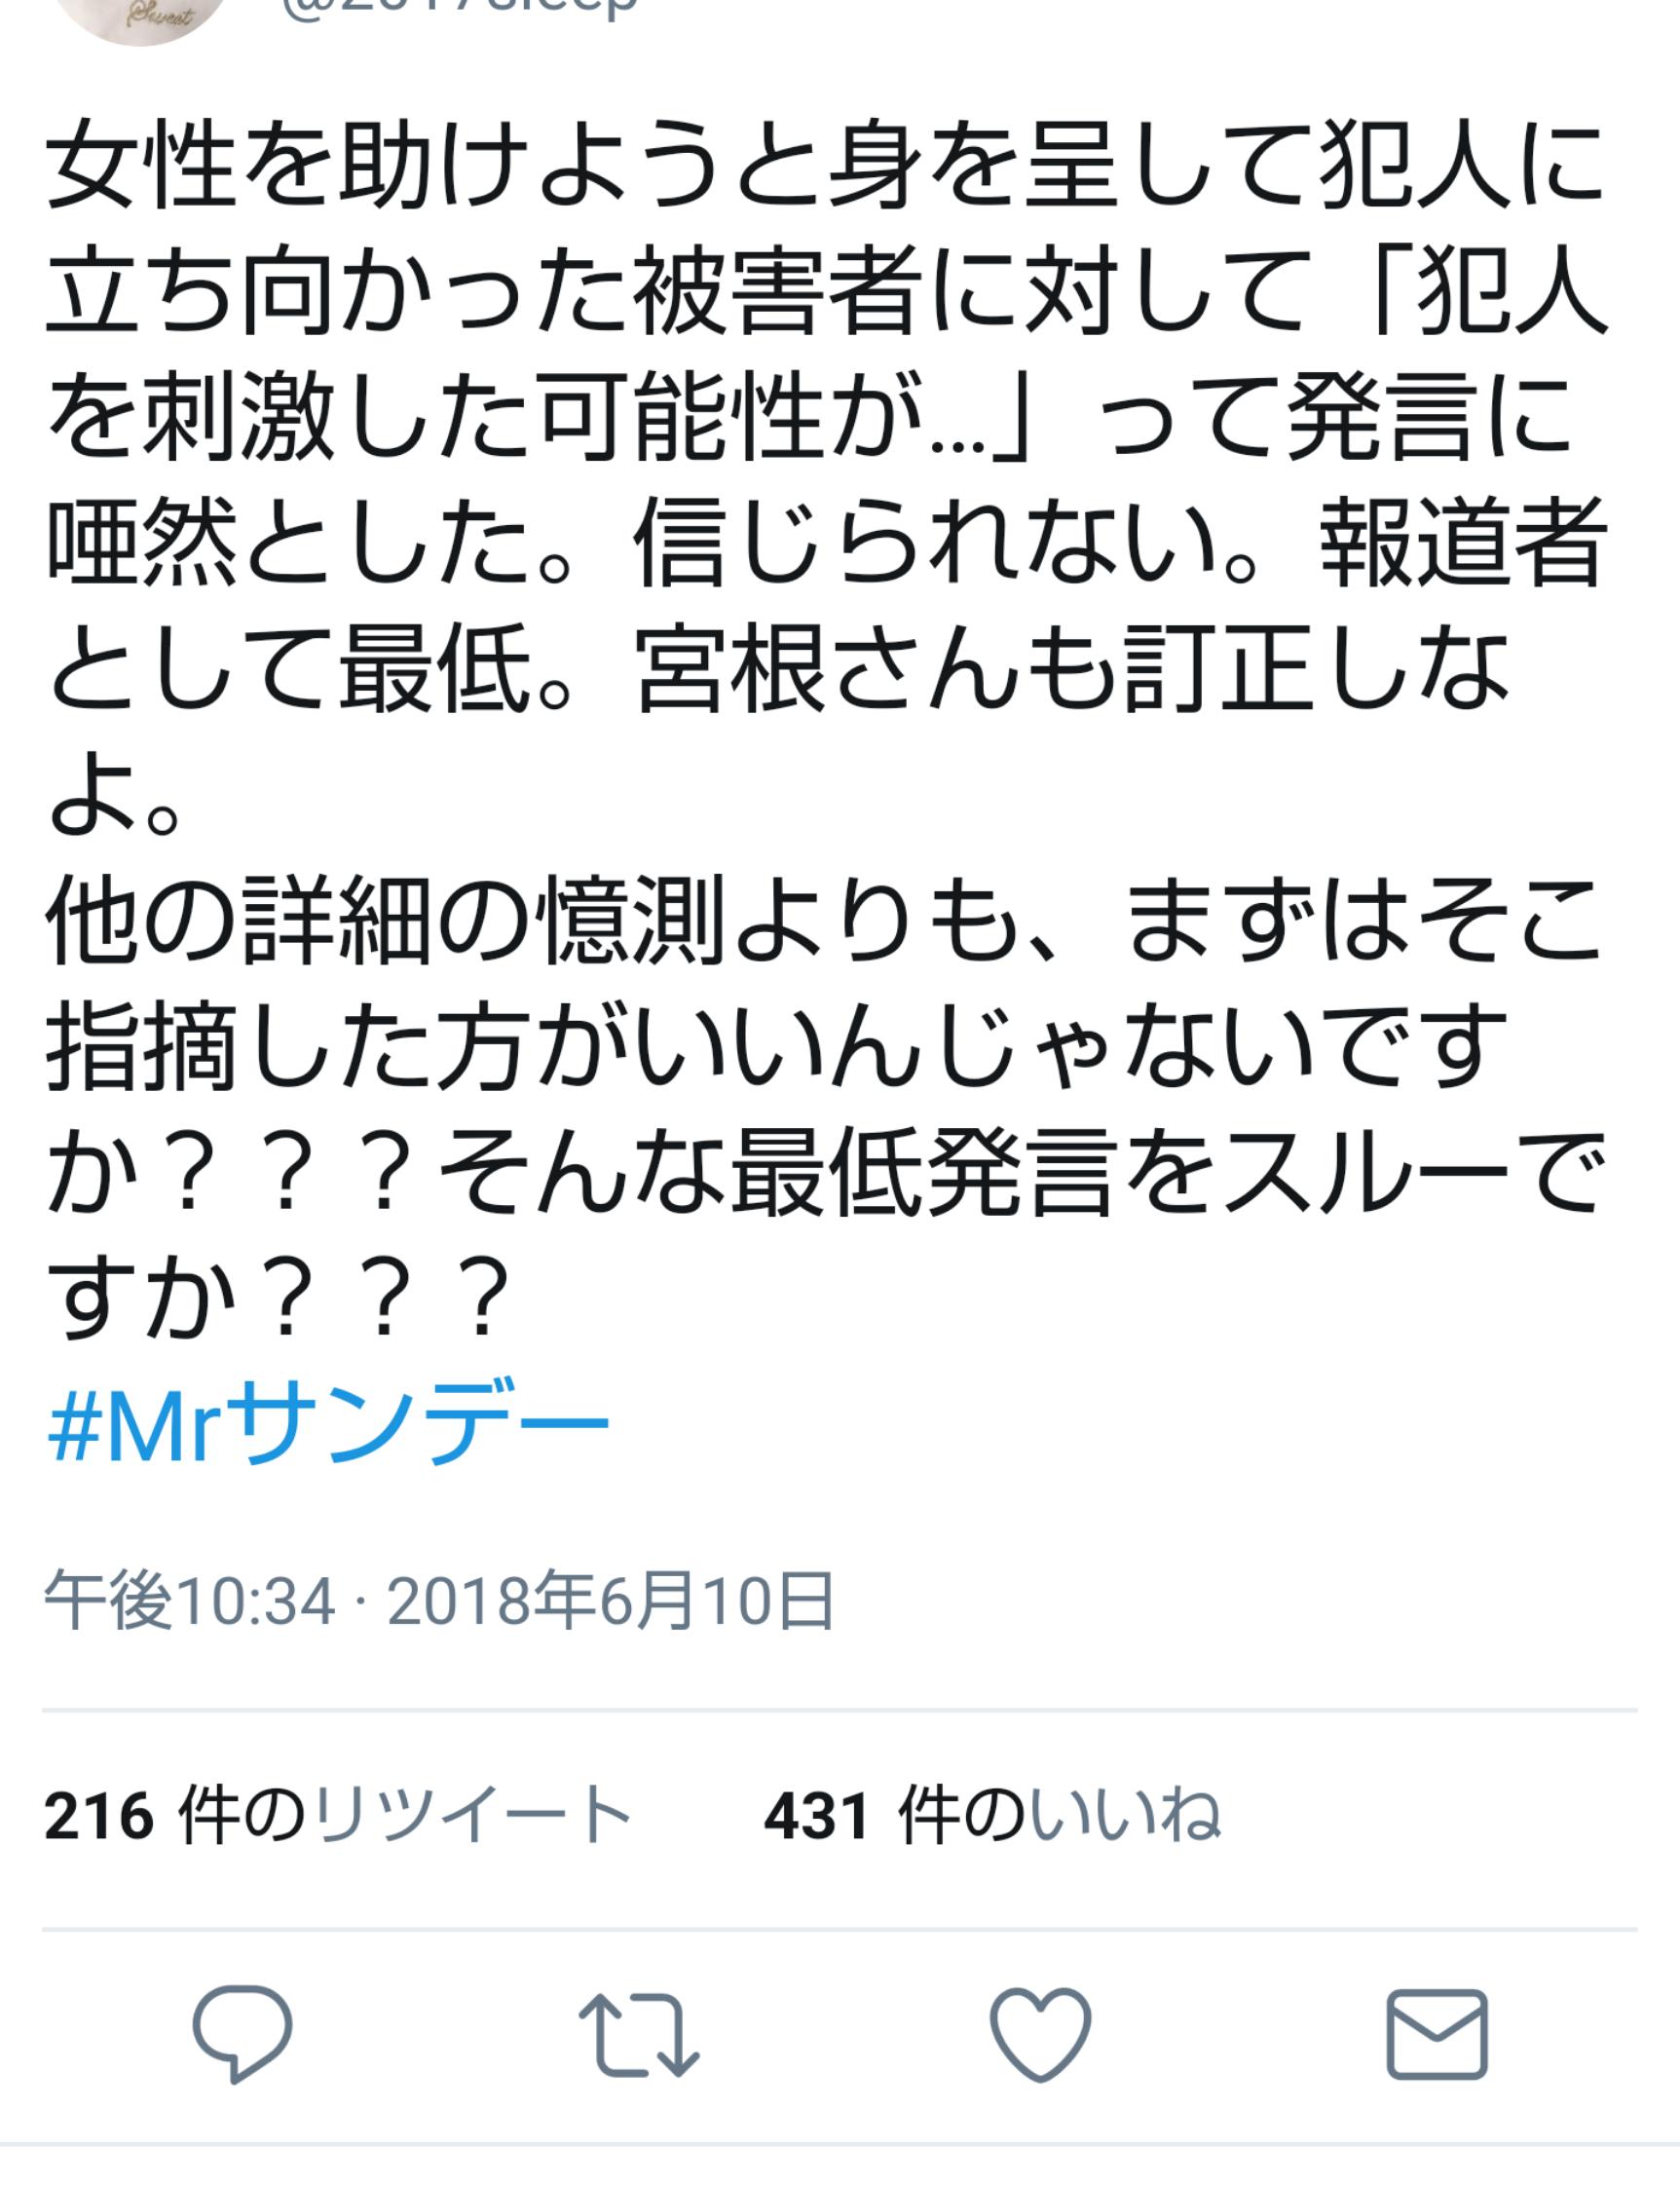 「被害者を冒涜してる」 新幹線殺傷事件、あるリポーターの発言に批判殺到